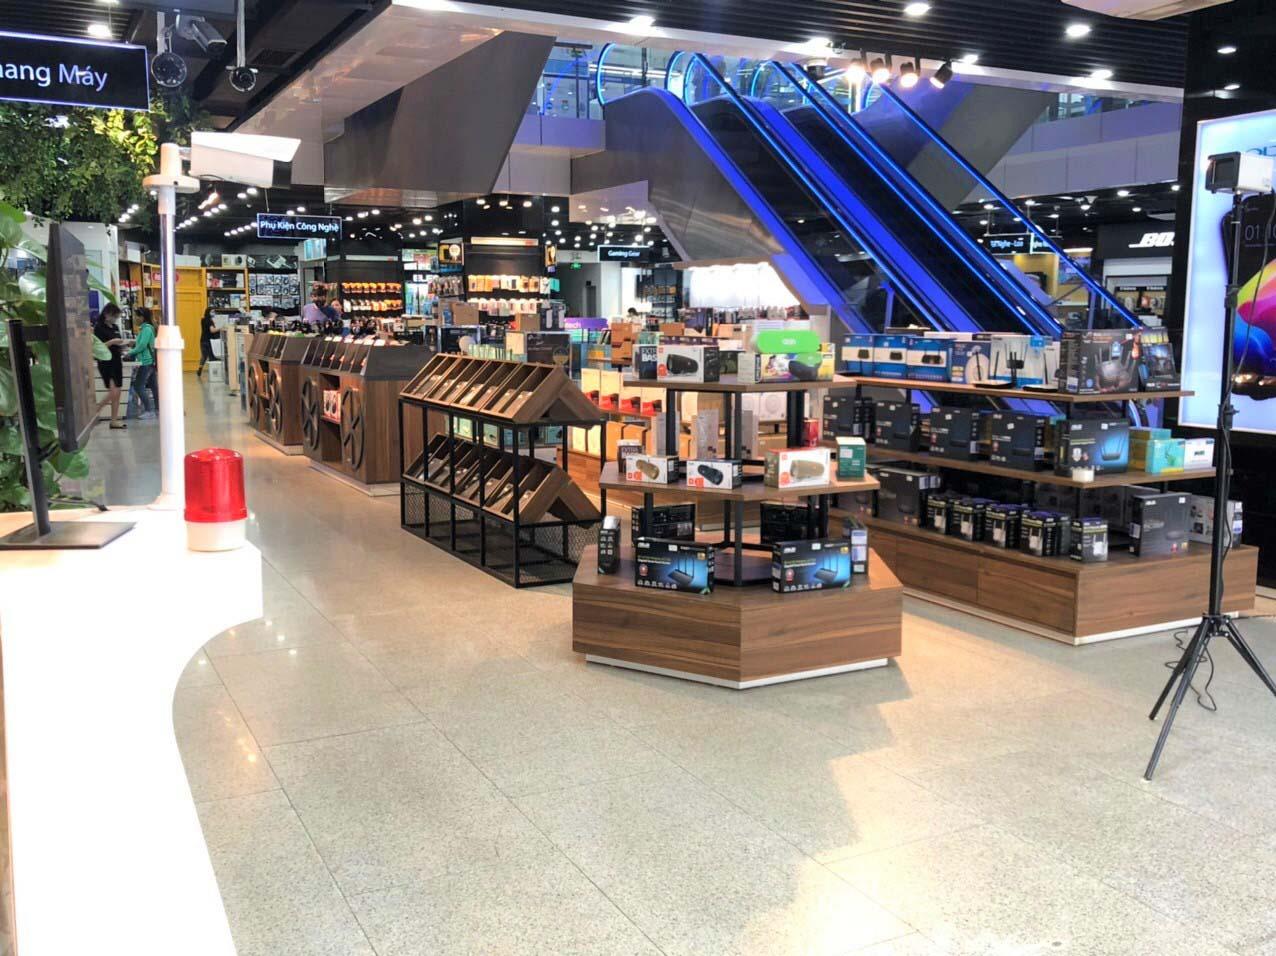 Camera đo thân nhiệt được lắp đặt tại trung tâm thương mại